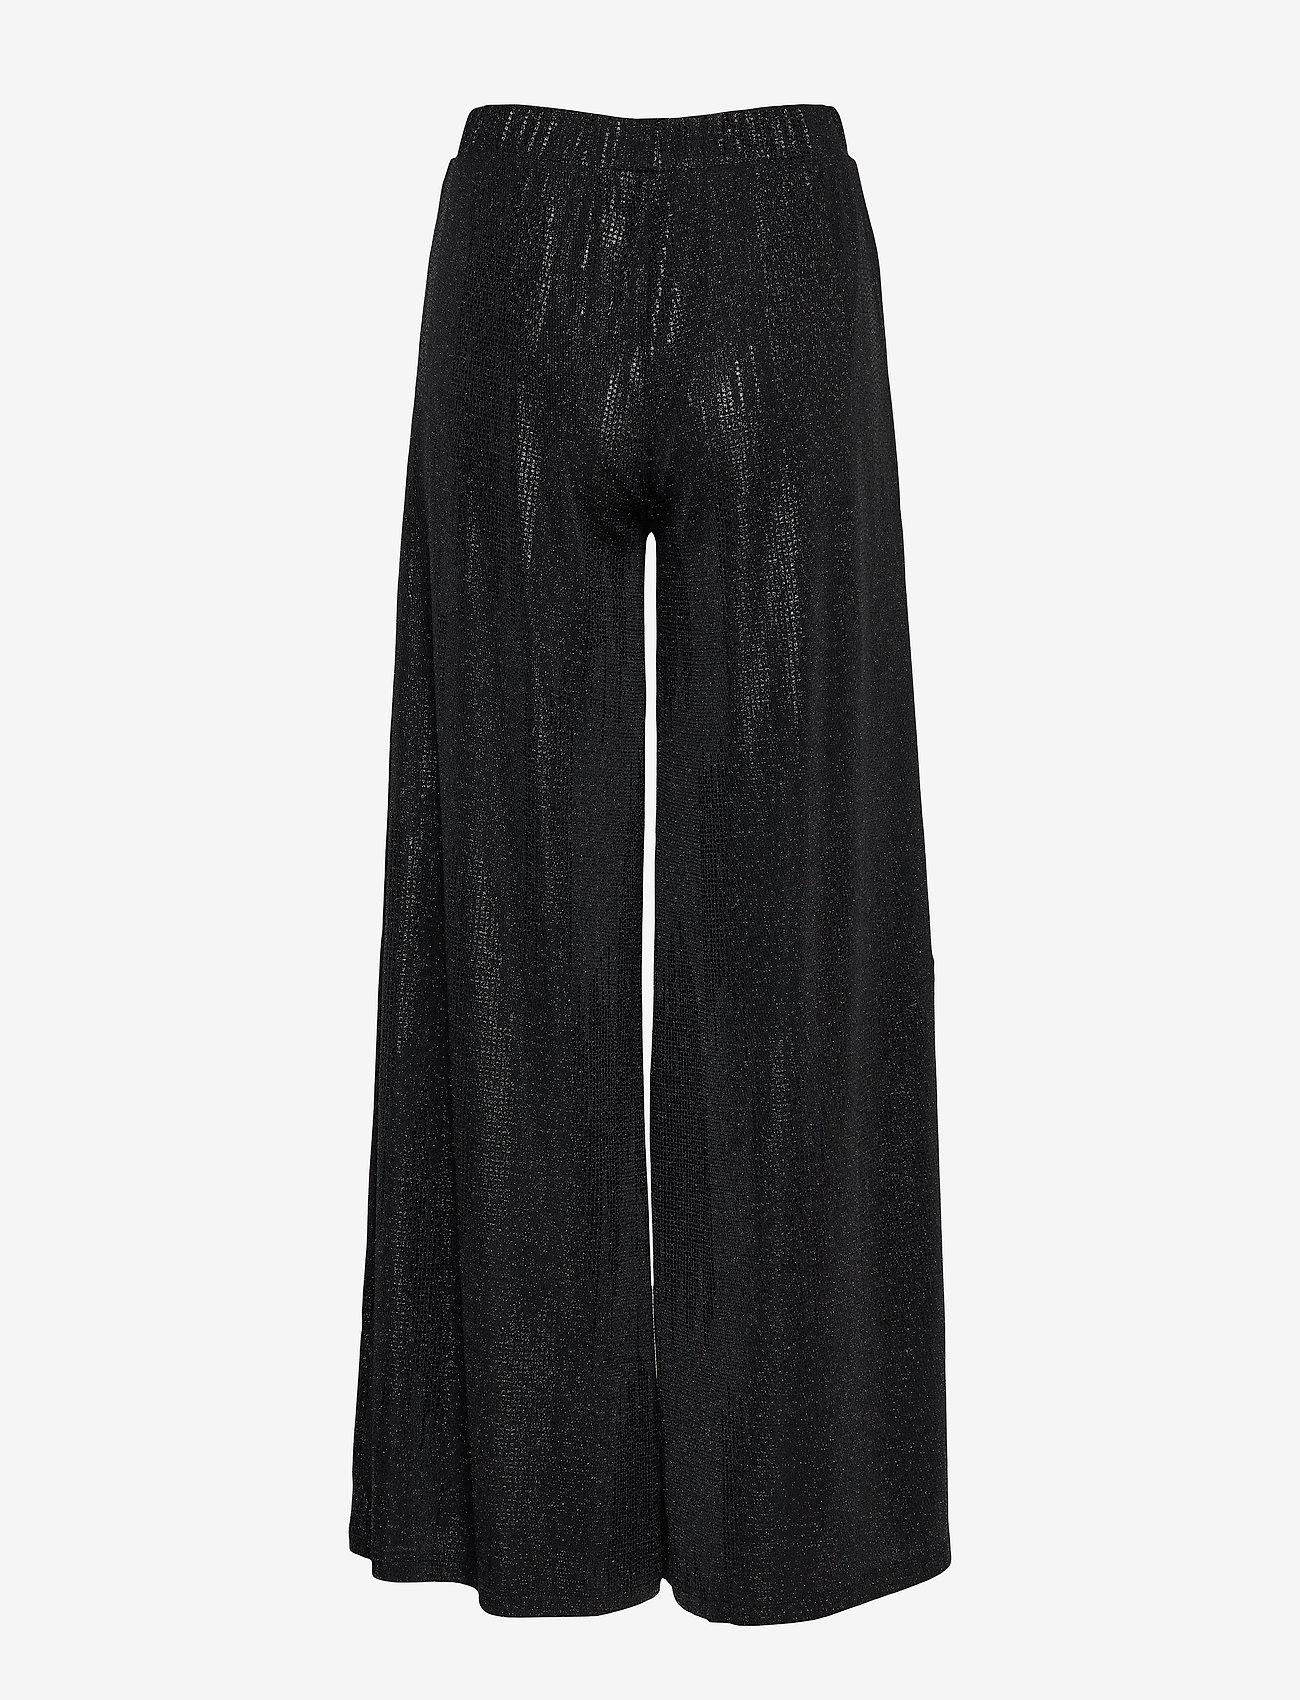 Trousers (Black) - Ilse Jacobsen bzmDkT